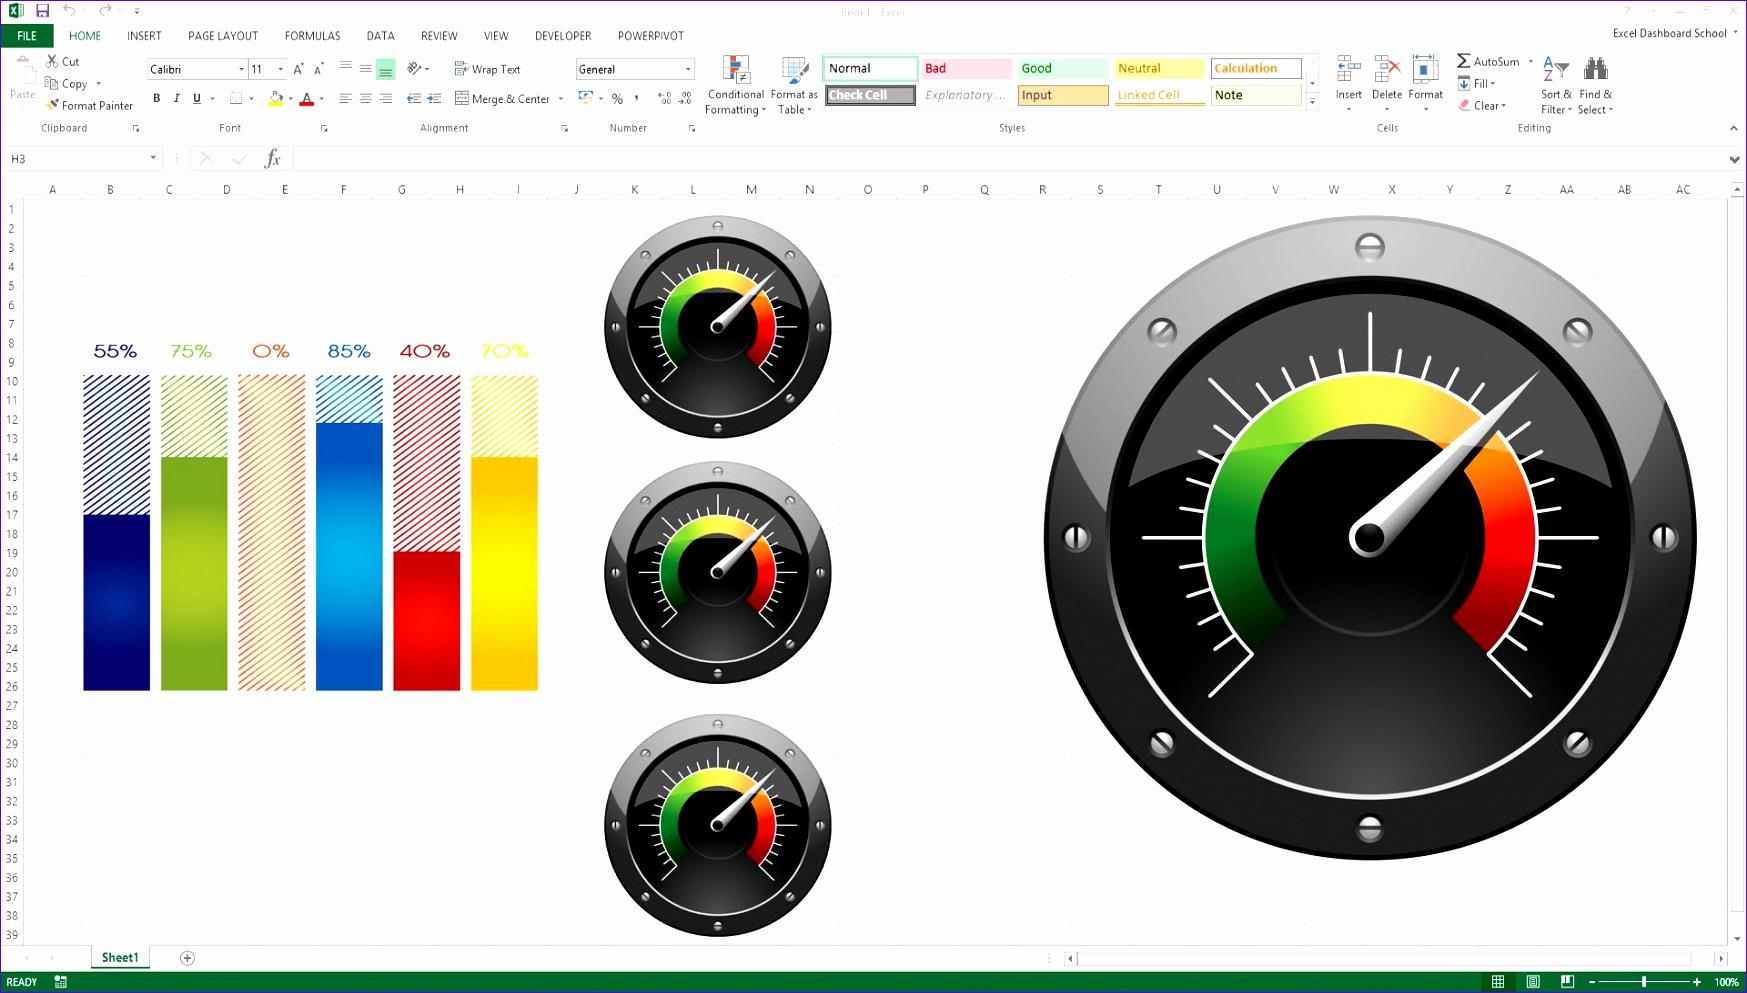 excel 2010 dashboard tutorial pdf